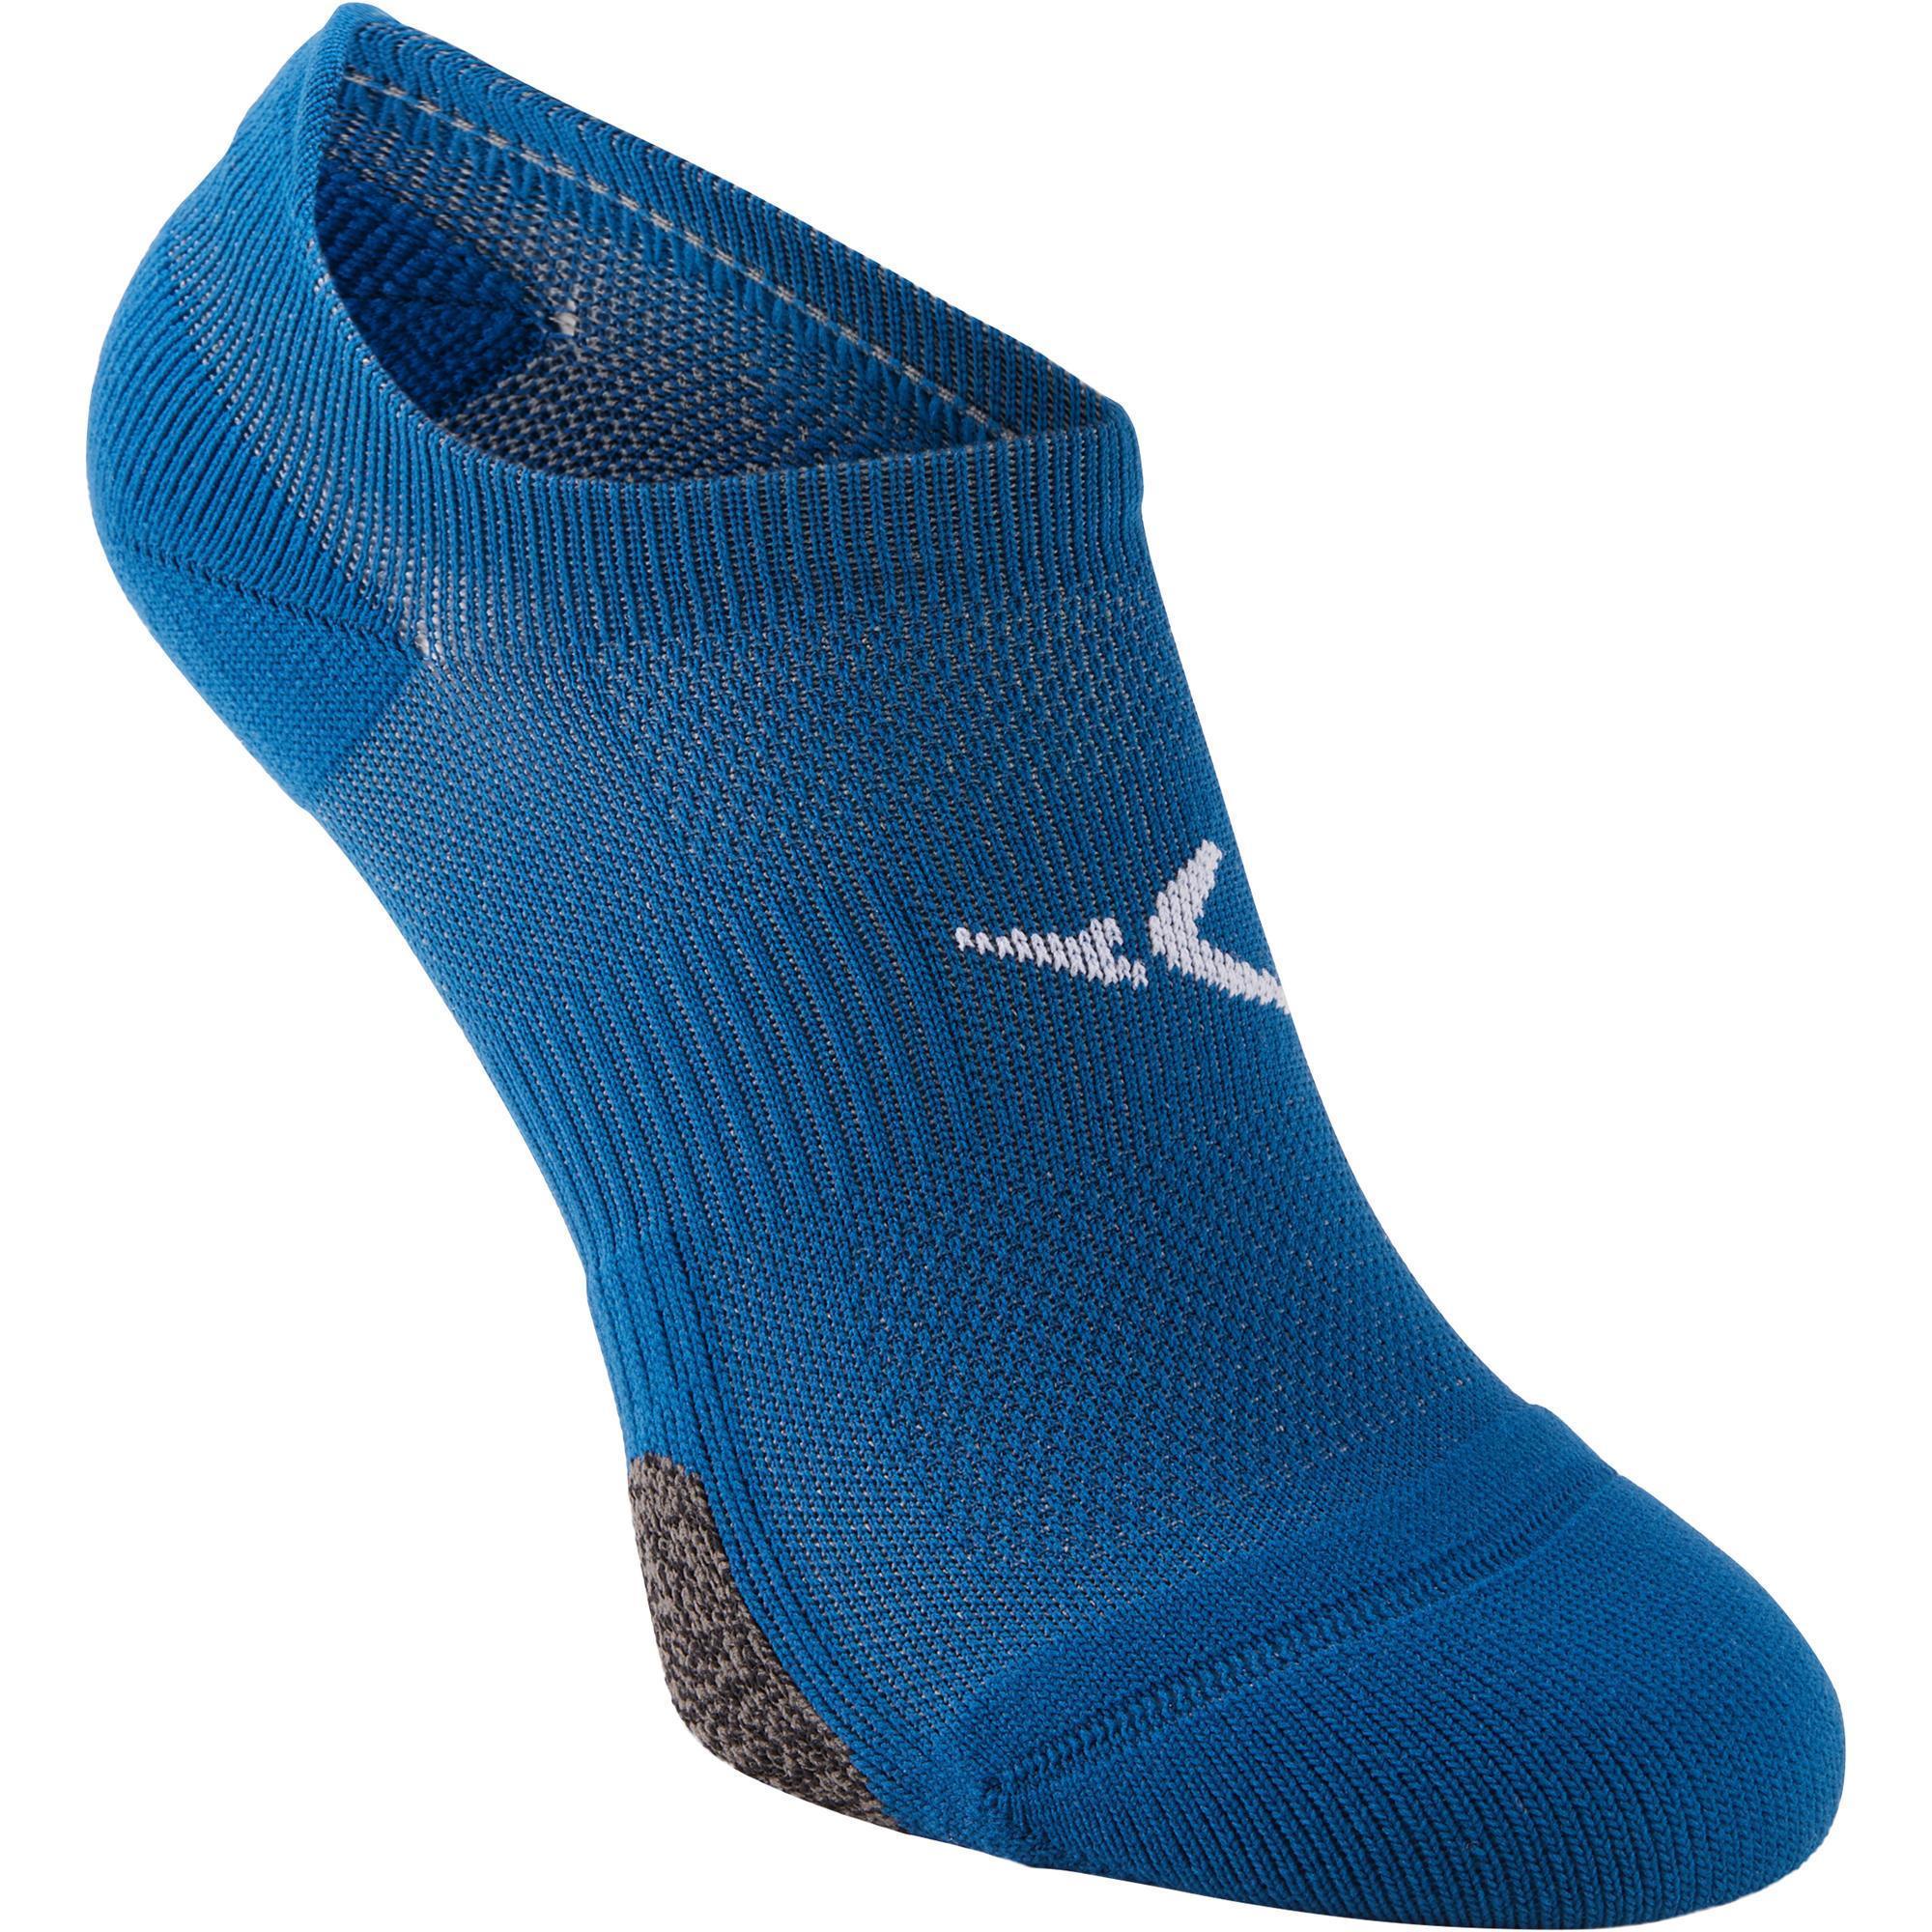 Sportsocken Cardio Fitness 2er-Pack Invisible blau | Sportbekleidung > Funktionswäsche > Sportsocken | Blau - Türkis | Domyos